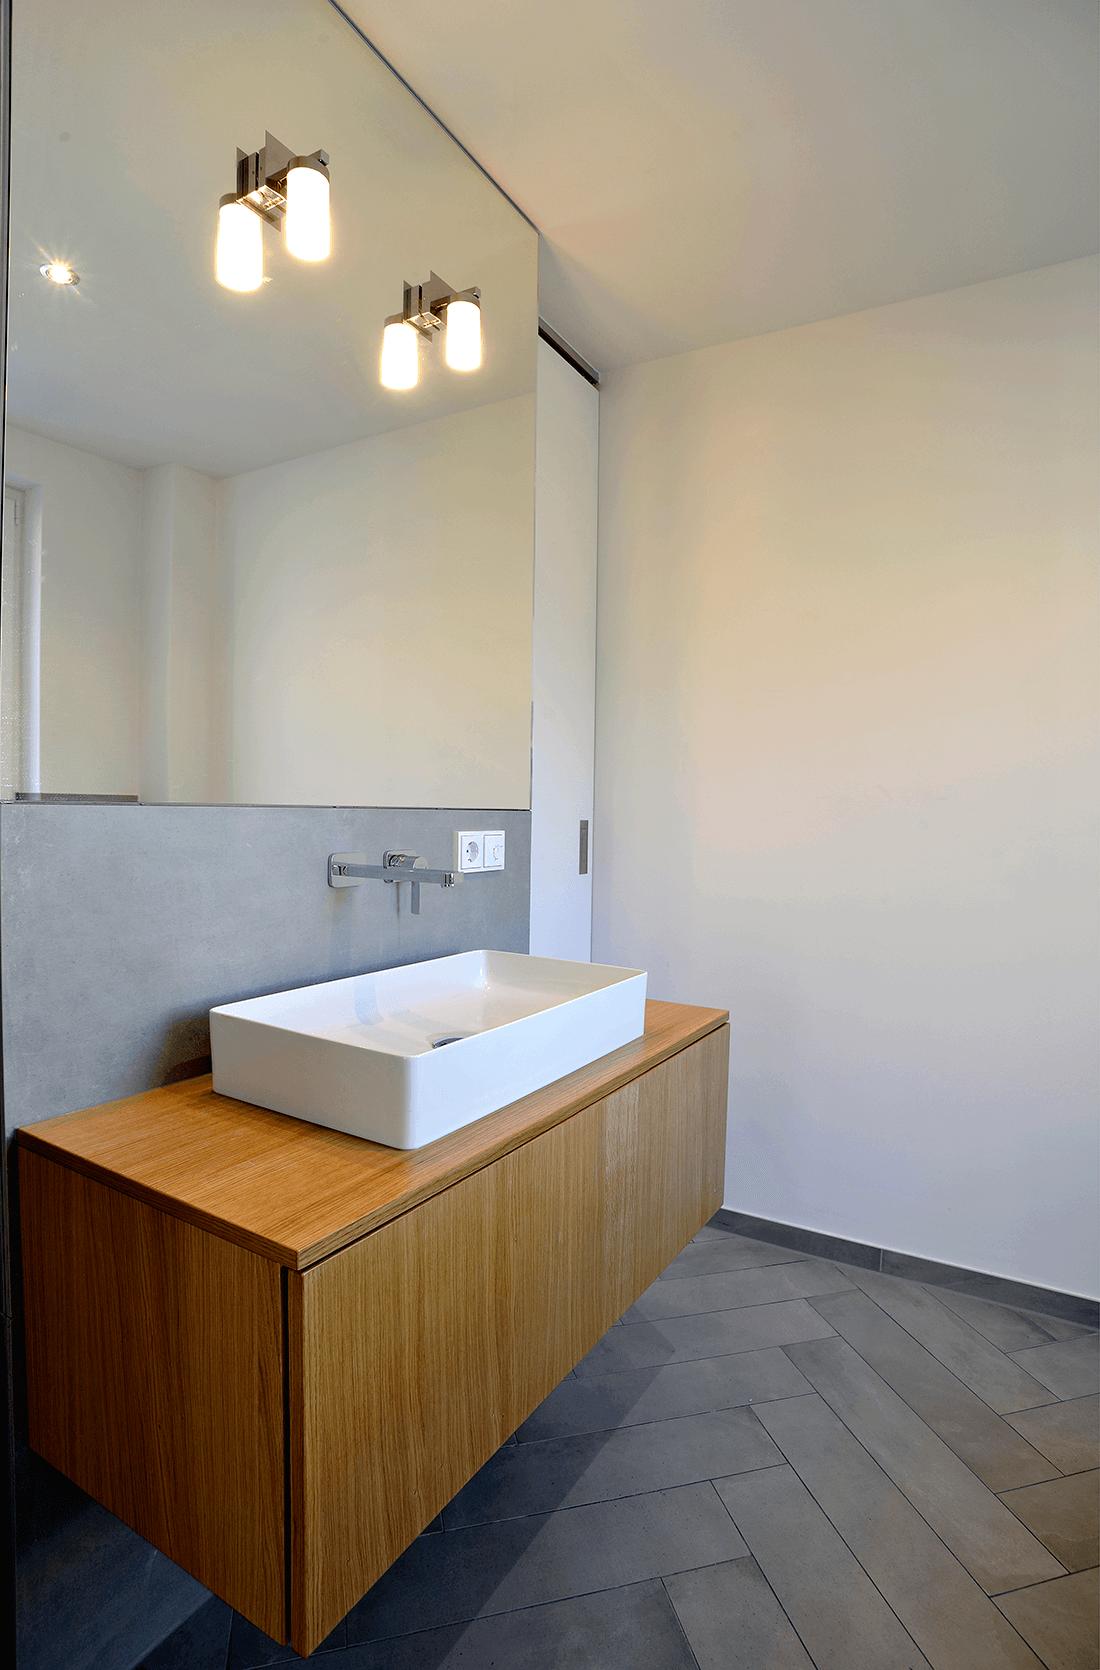 Wohnen W.A Badezimmer Seitenansicht Waschbecken mit Holzunterschrank - Badezimmer, Privatbereich